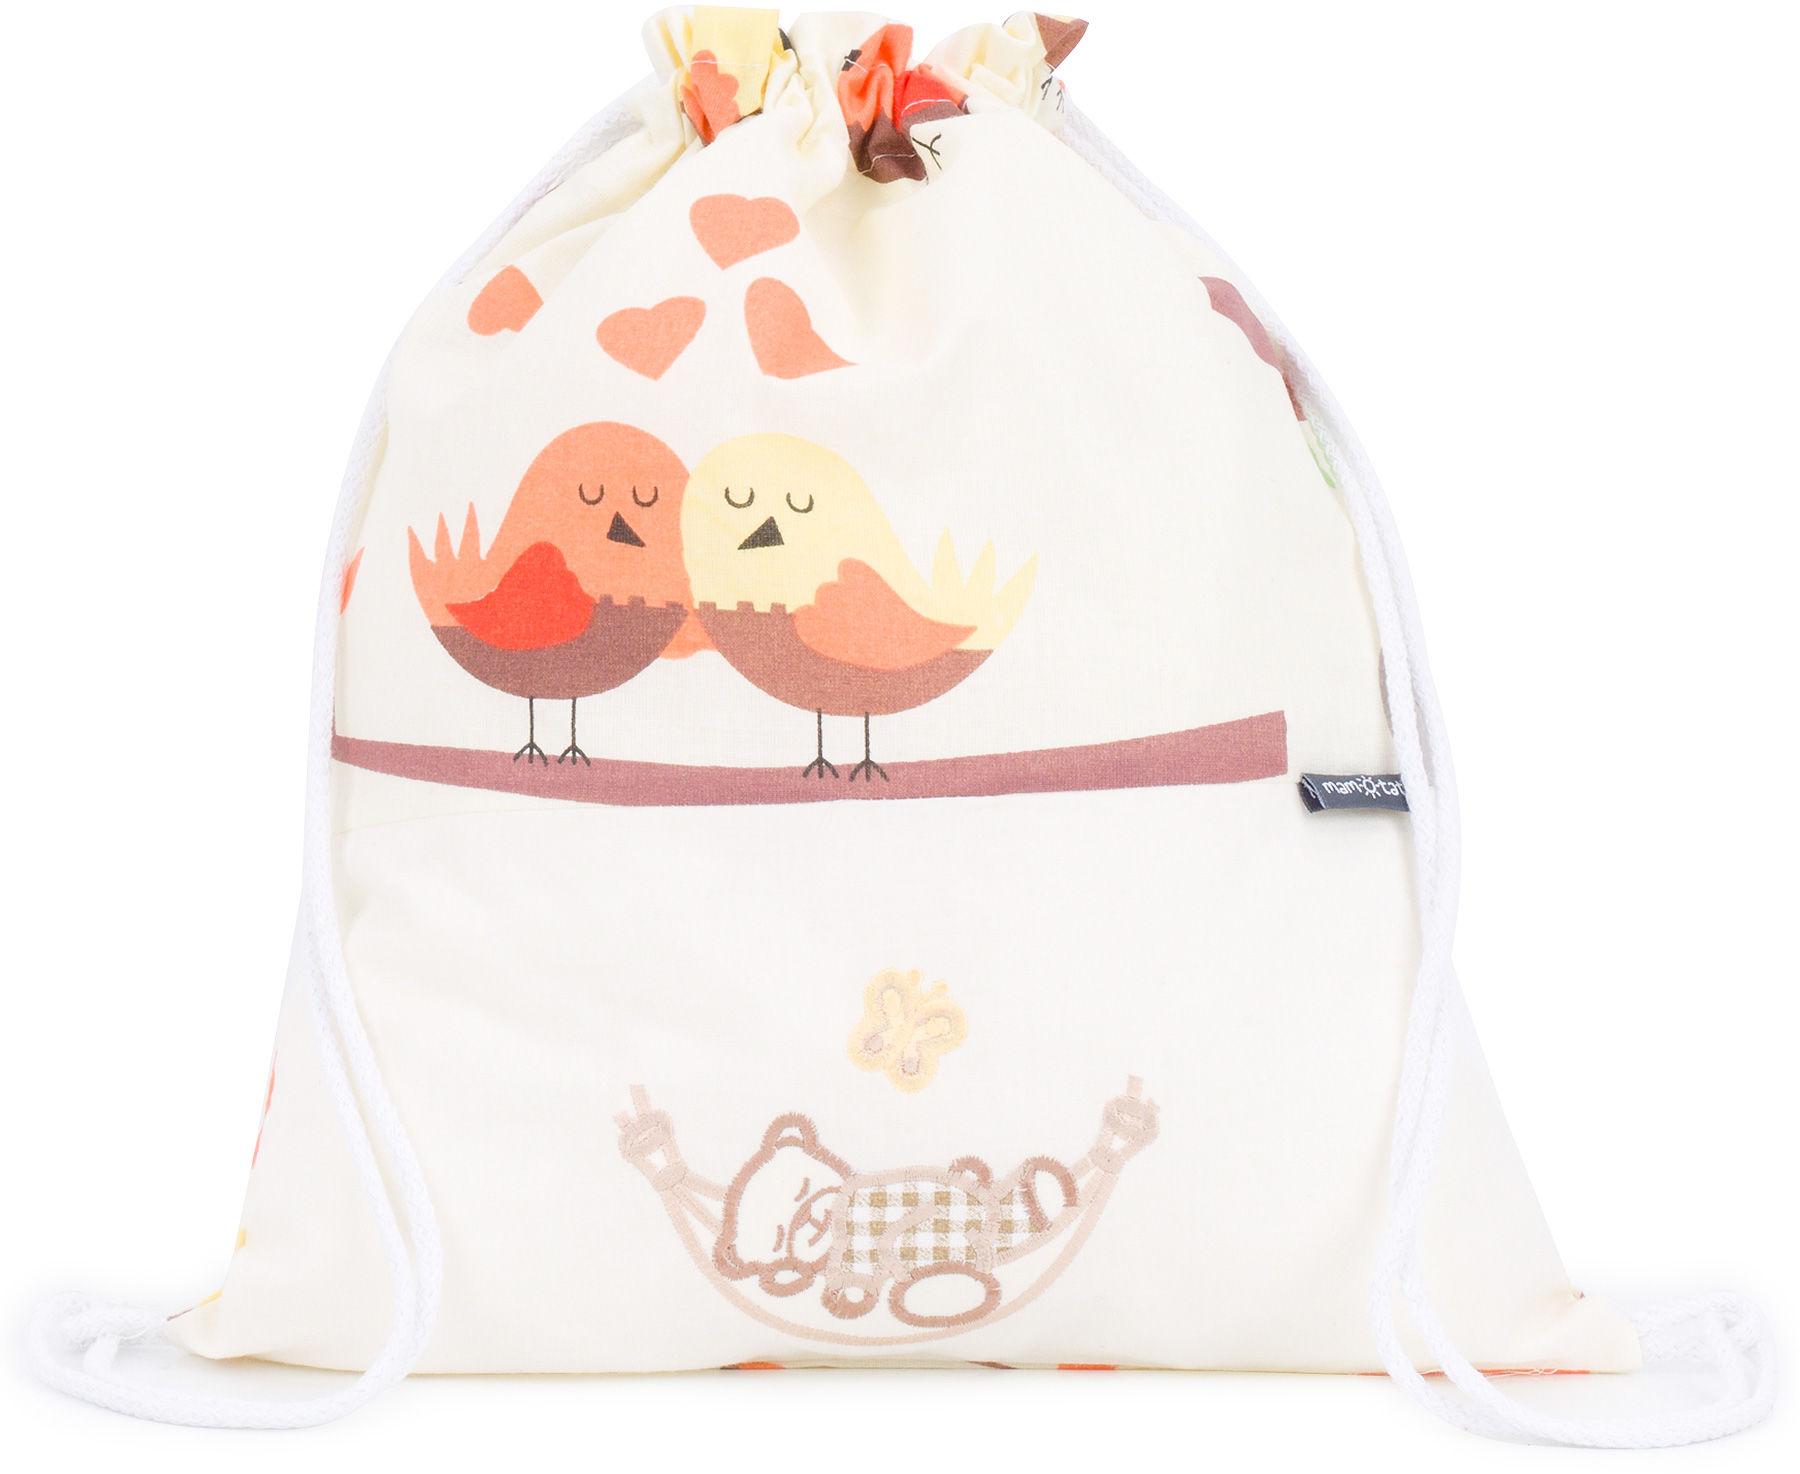 Plecak / worek bawełniany dla dzieci Ptaszki kremowe / śpioch w hamaku ecru